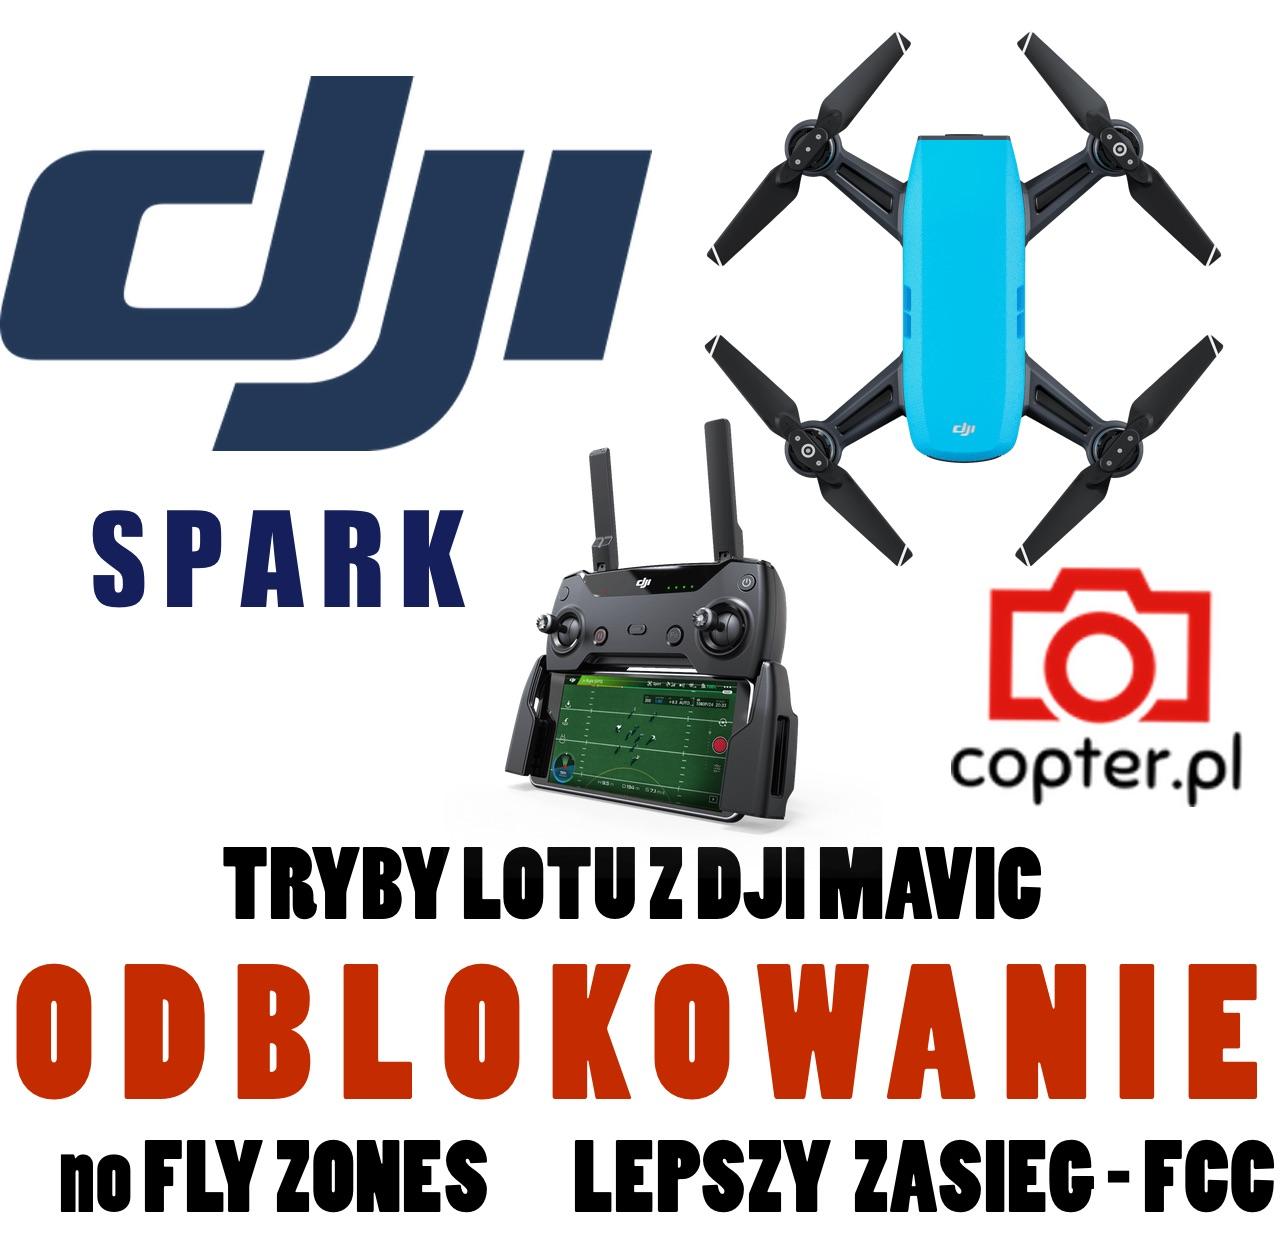 ODBLOKOWANIE DJI Spark - No FlyZone + ZASIĘG FCC - 7118550078